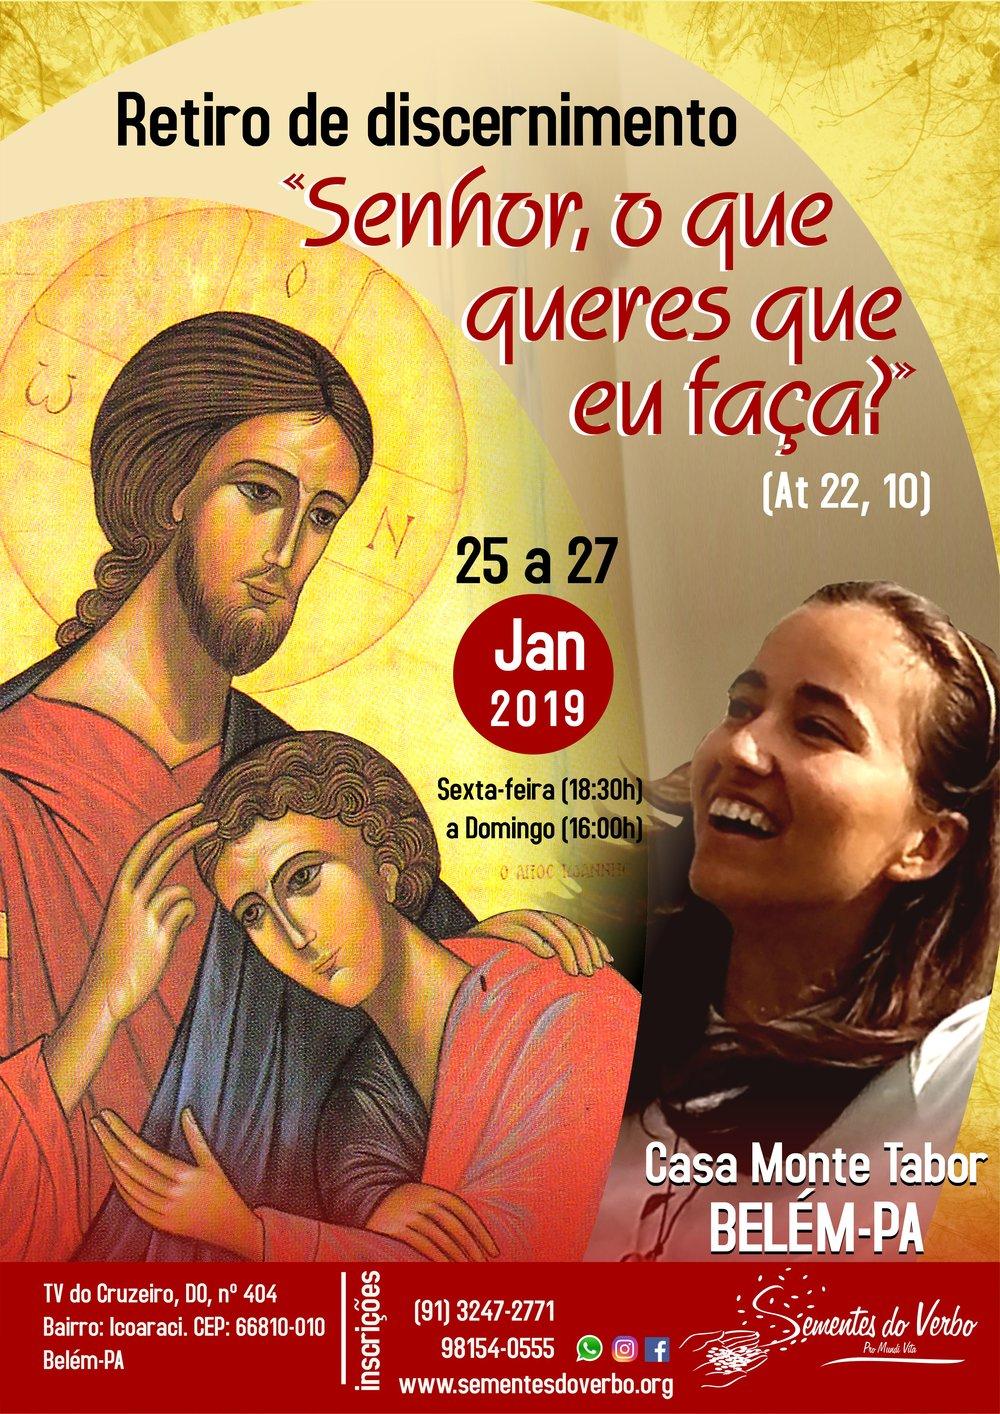 6- Retiro de discernimento Belém.jpg